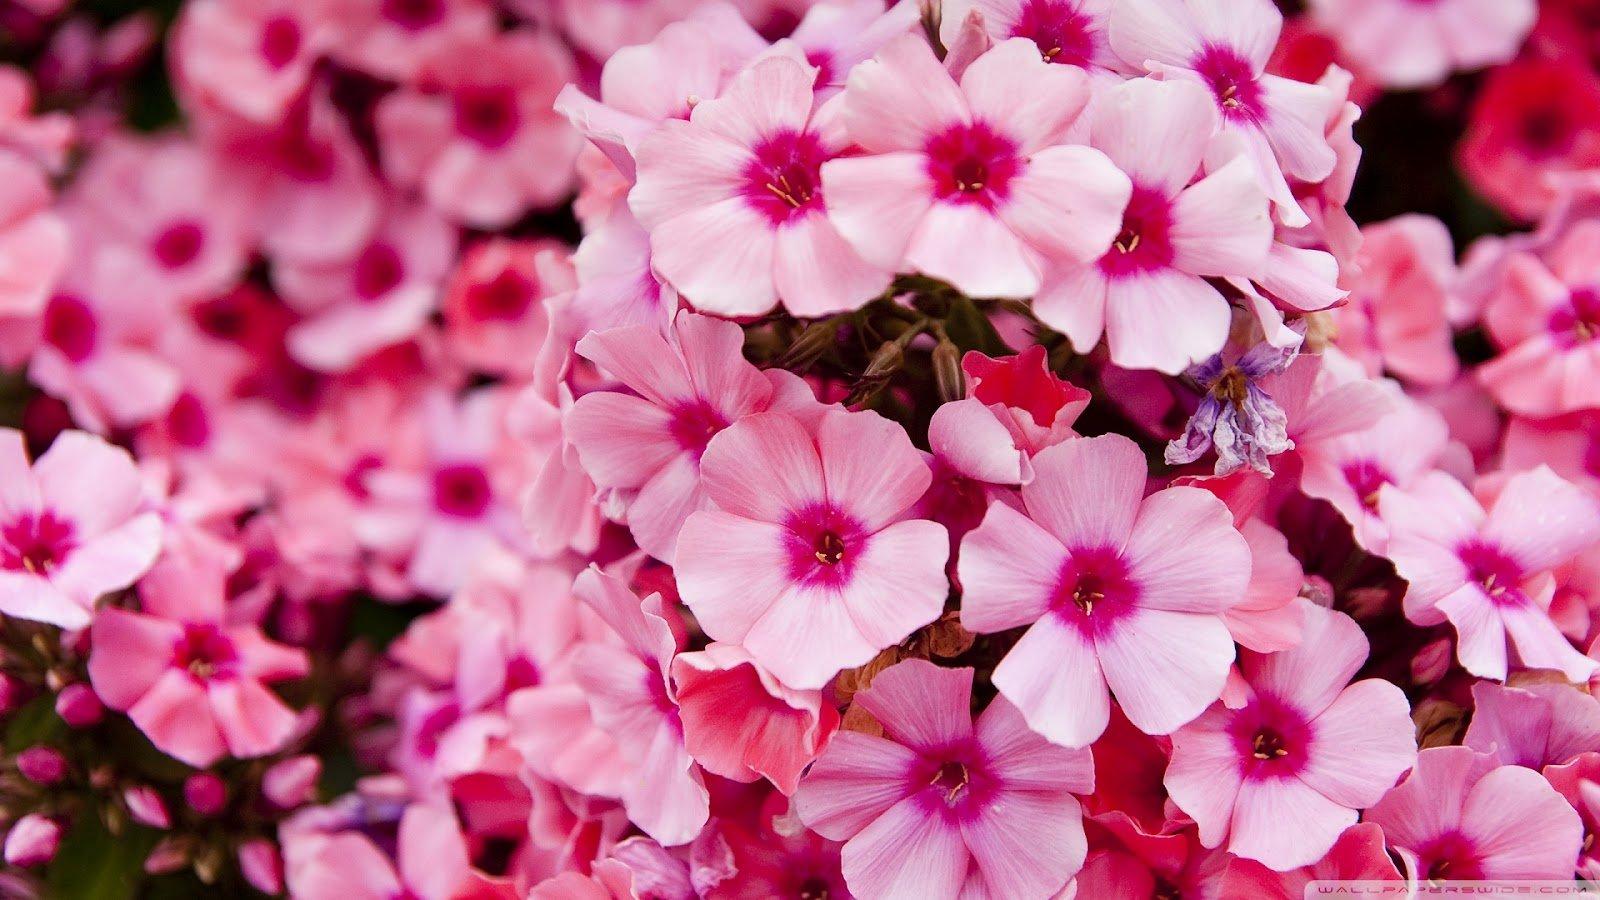 Pink Flowers Wallpaper Wallpapersafari